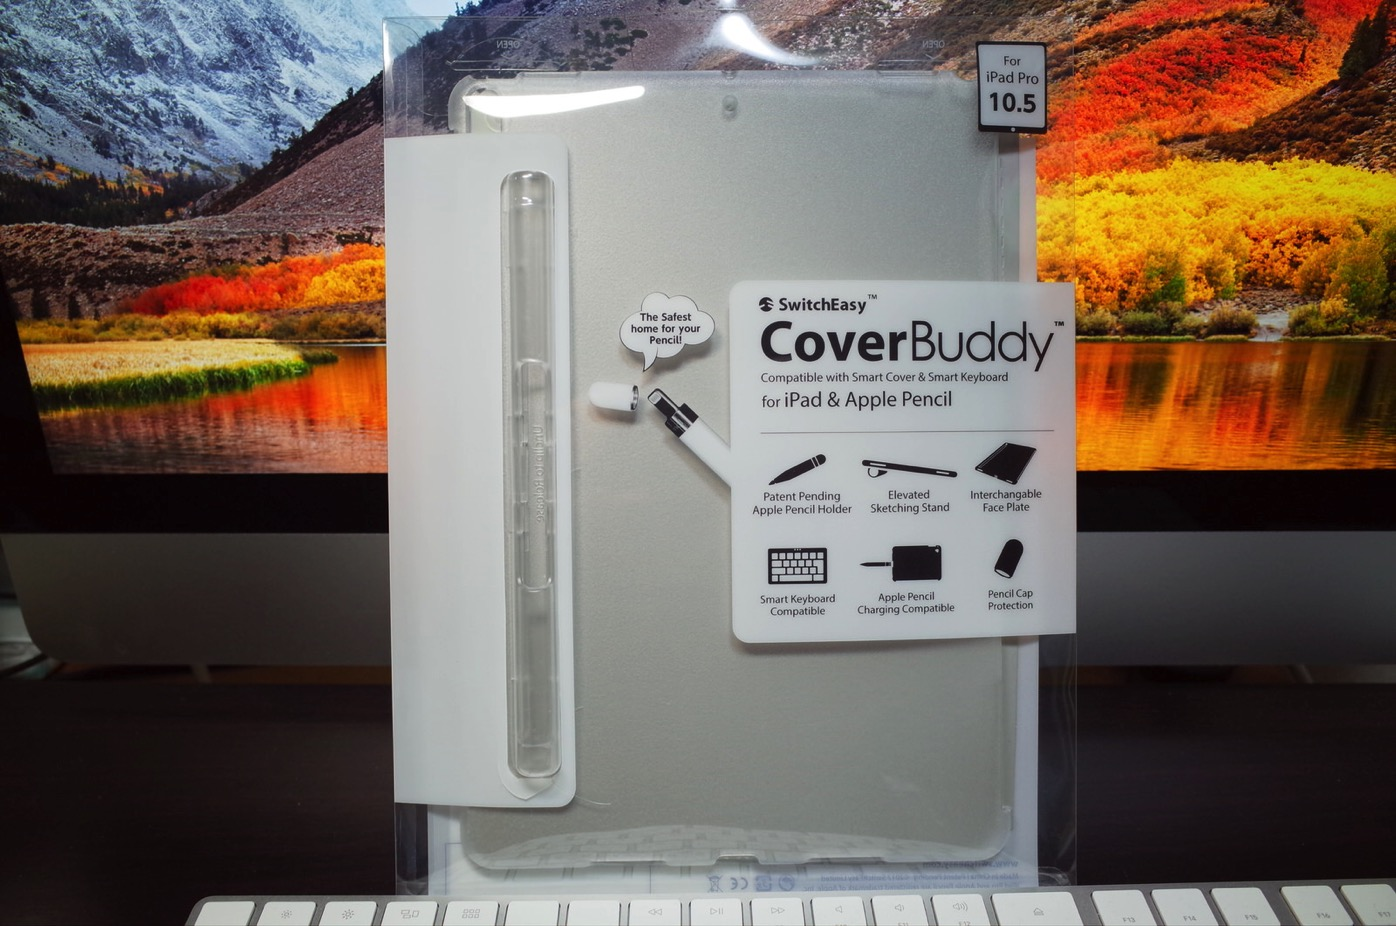 iPad Pro 10.5 ケース SwitchEasy CoverBuddy ハード バック カバー Apple Pencil 収納付き 純正 スマートキーボード 対応-1